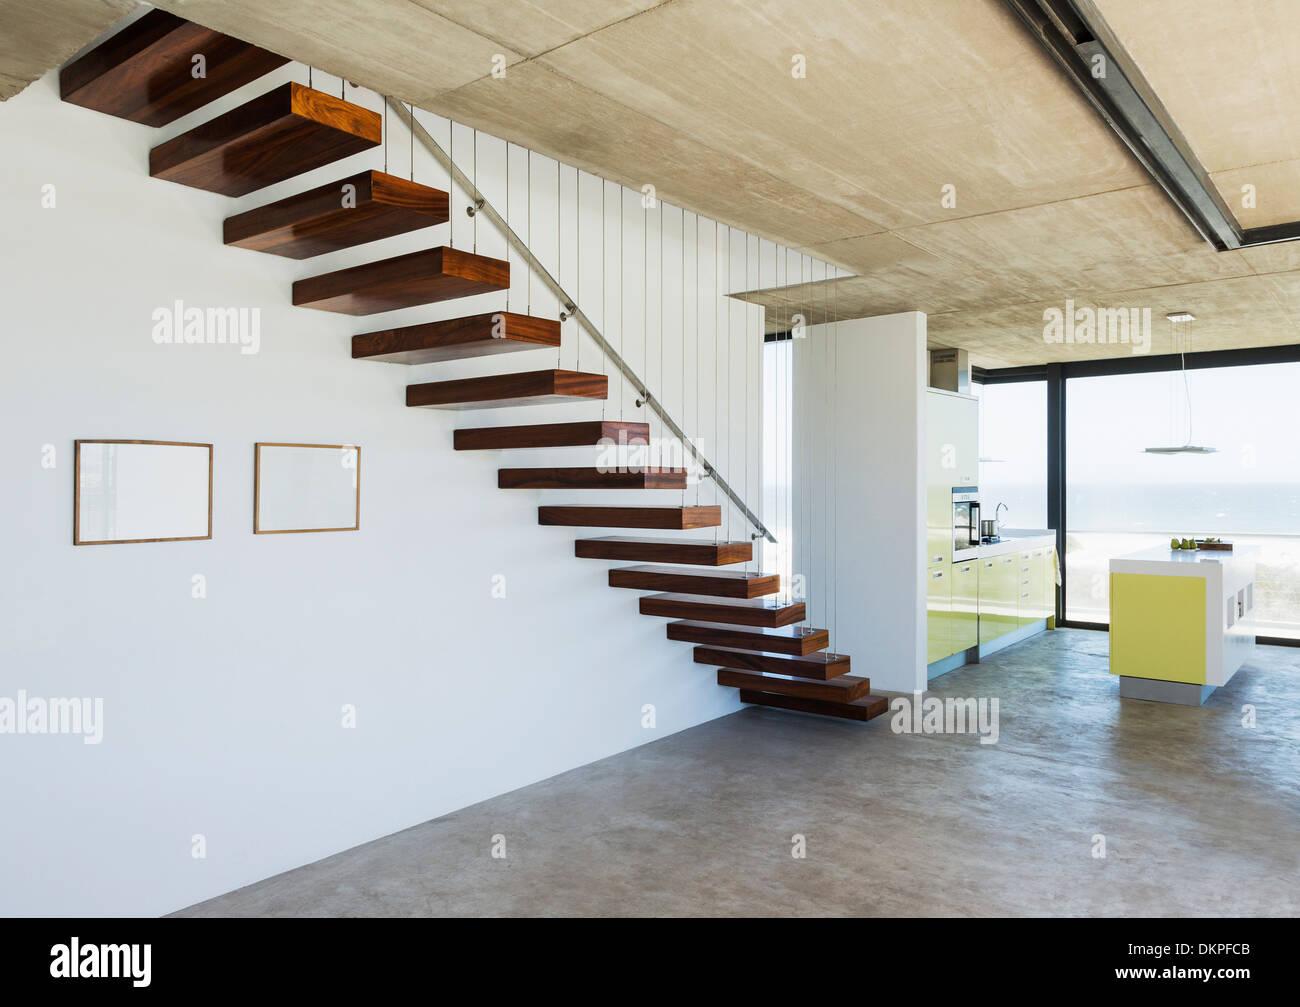 Wunderschön Schwebende Treppe Referenz Von In Modernes